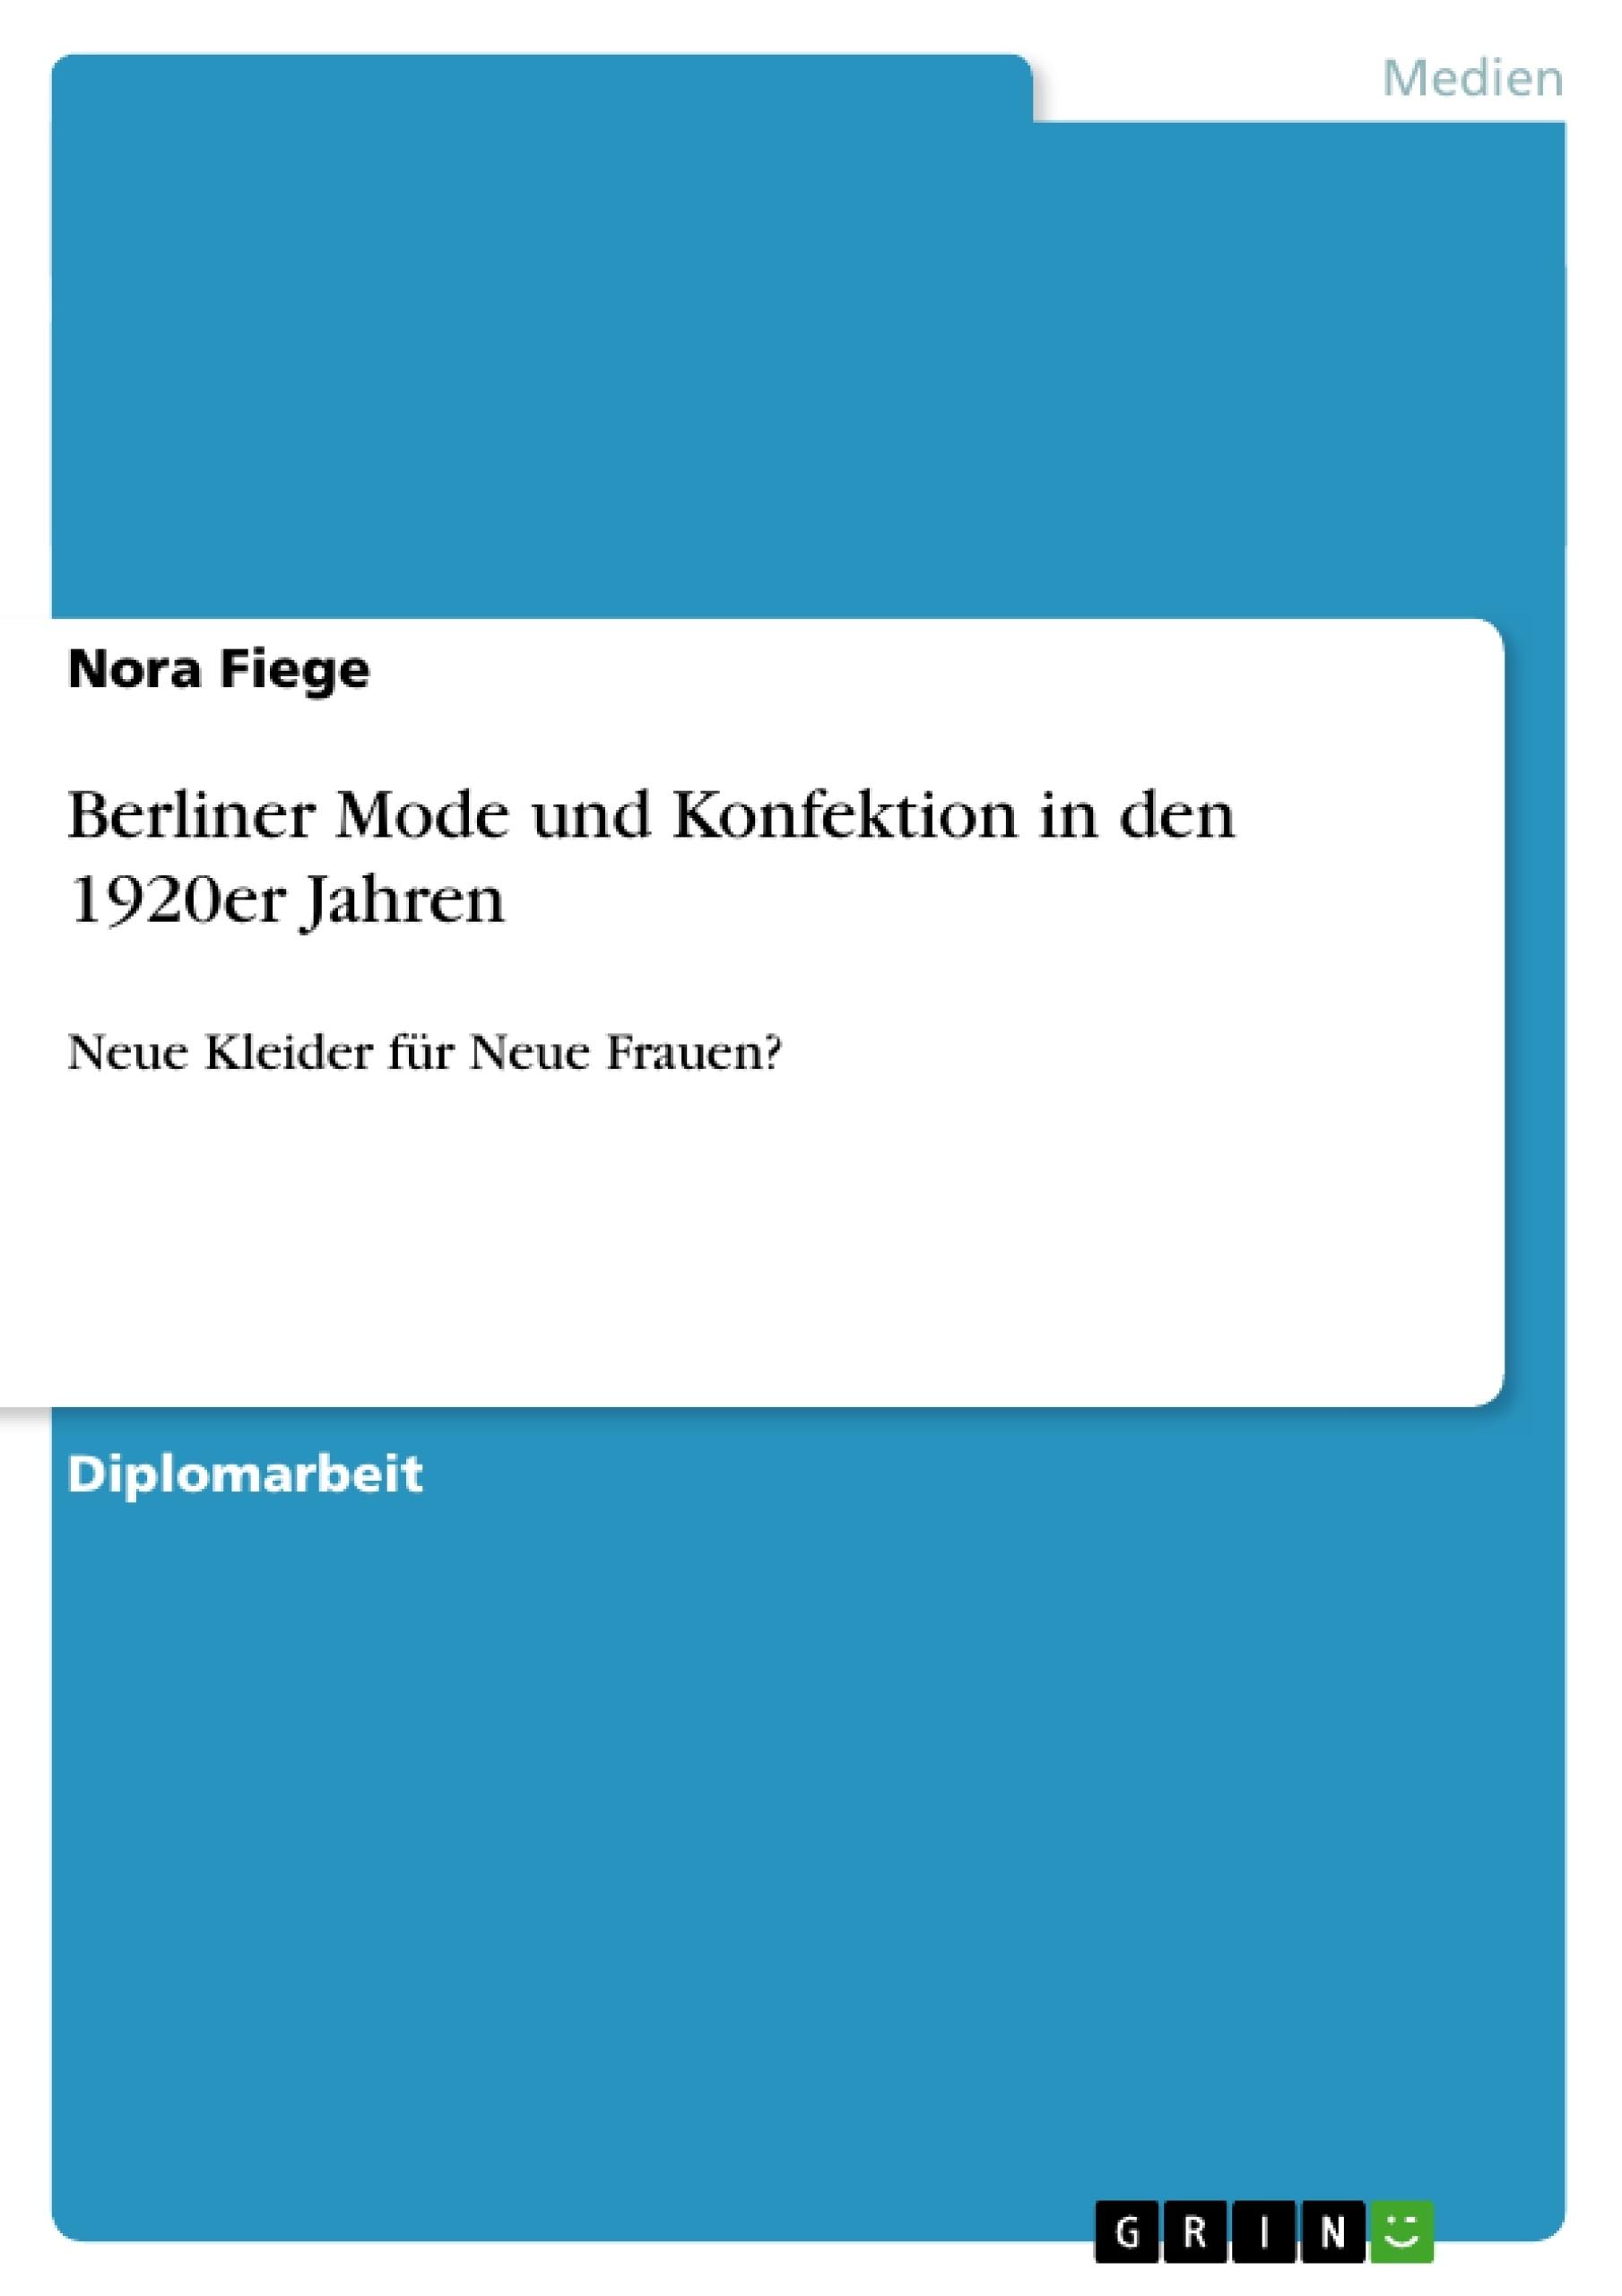 Titel: Berliner Mode und Konfektion in den 1920er Jahren